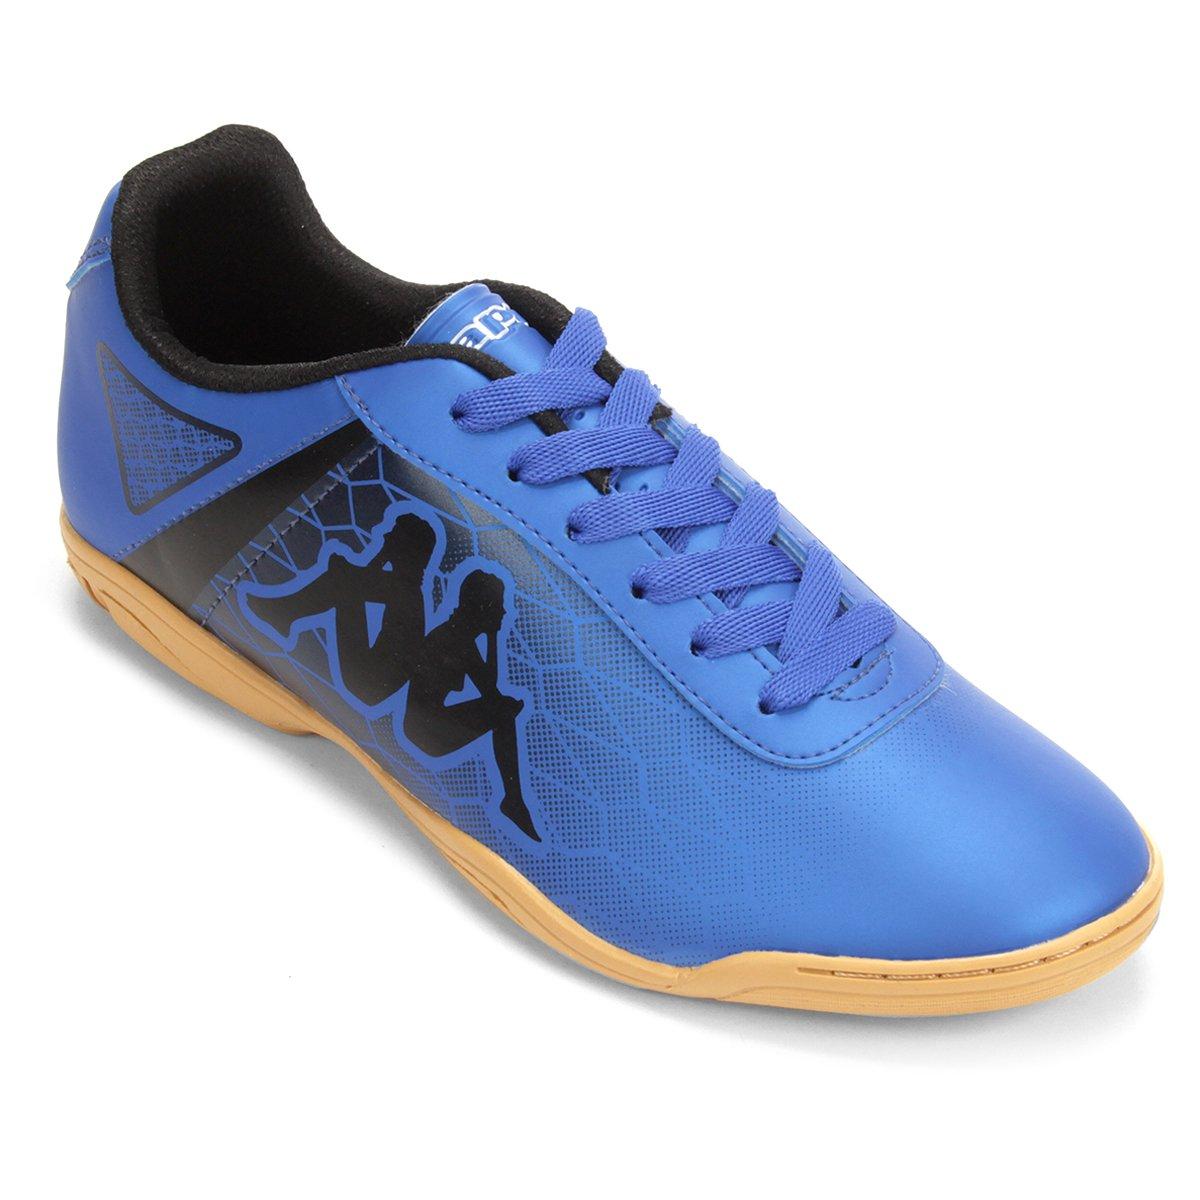 0f12cacd52 Chuteira Futsal Kappa Torpedo